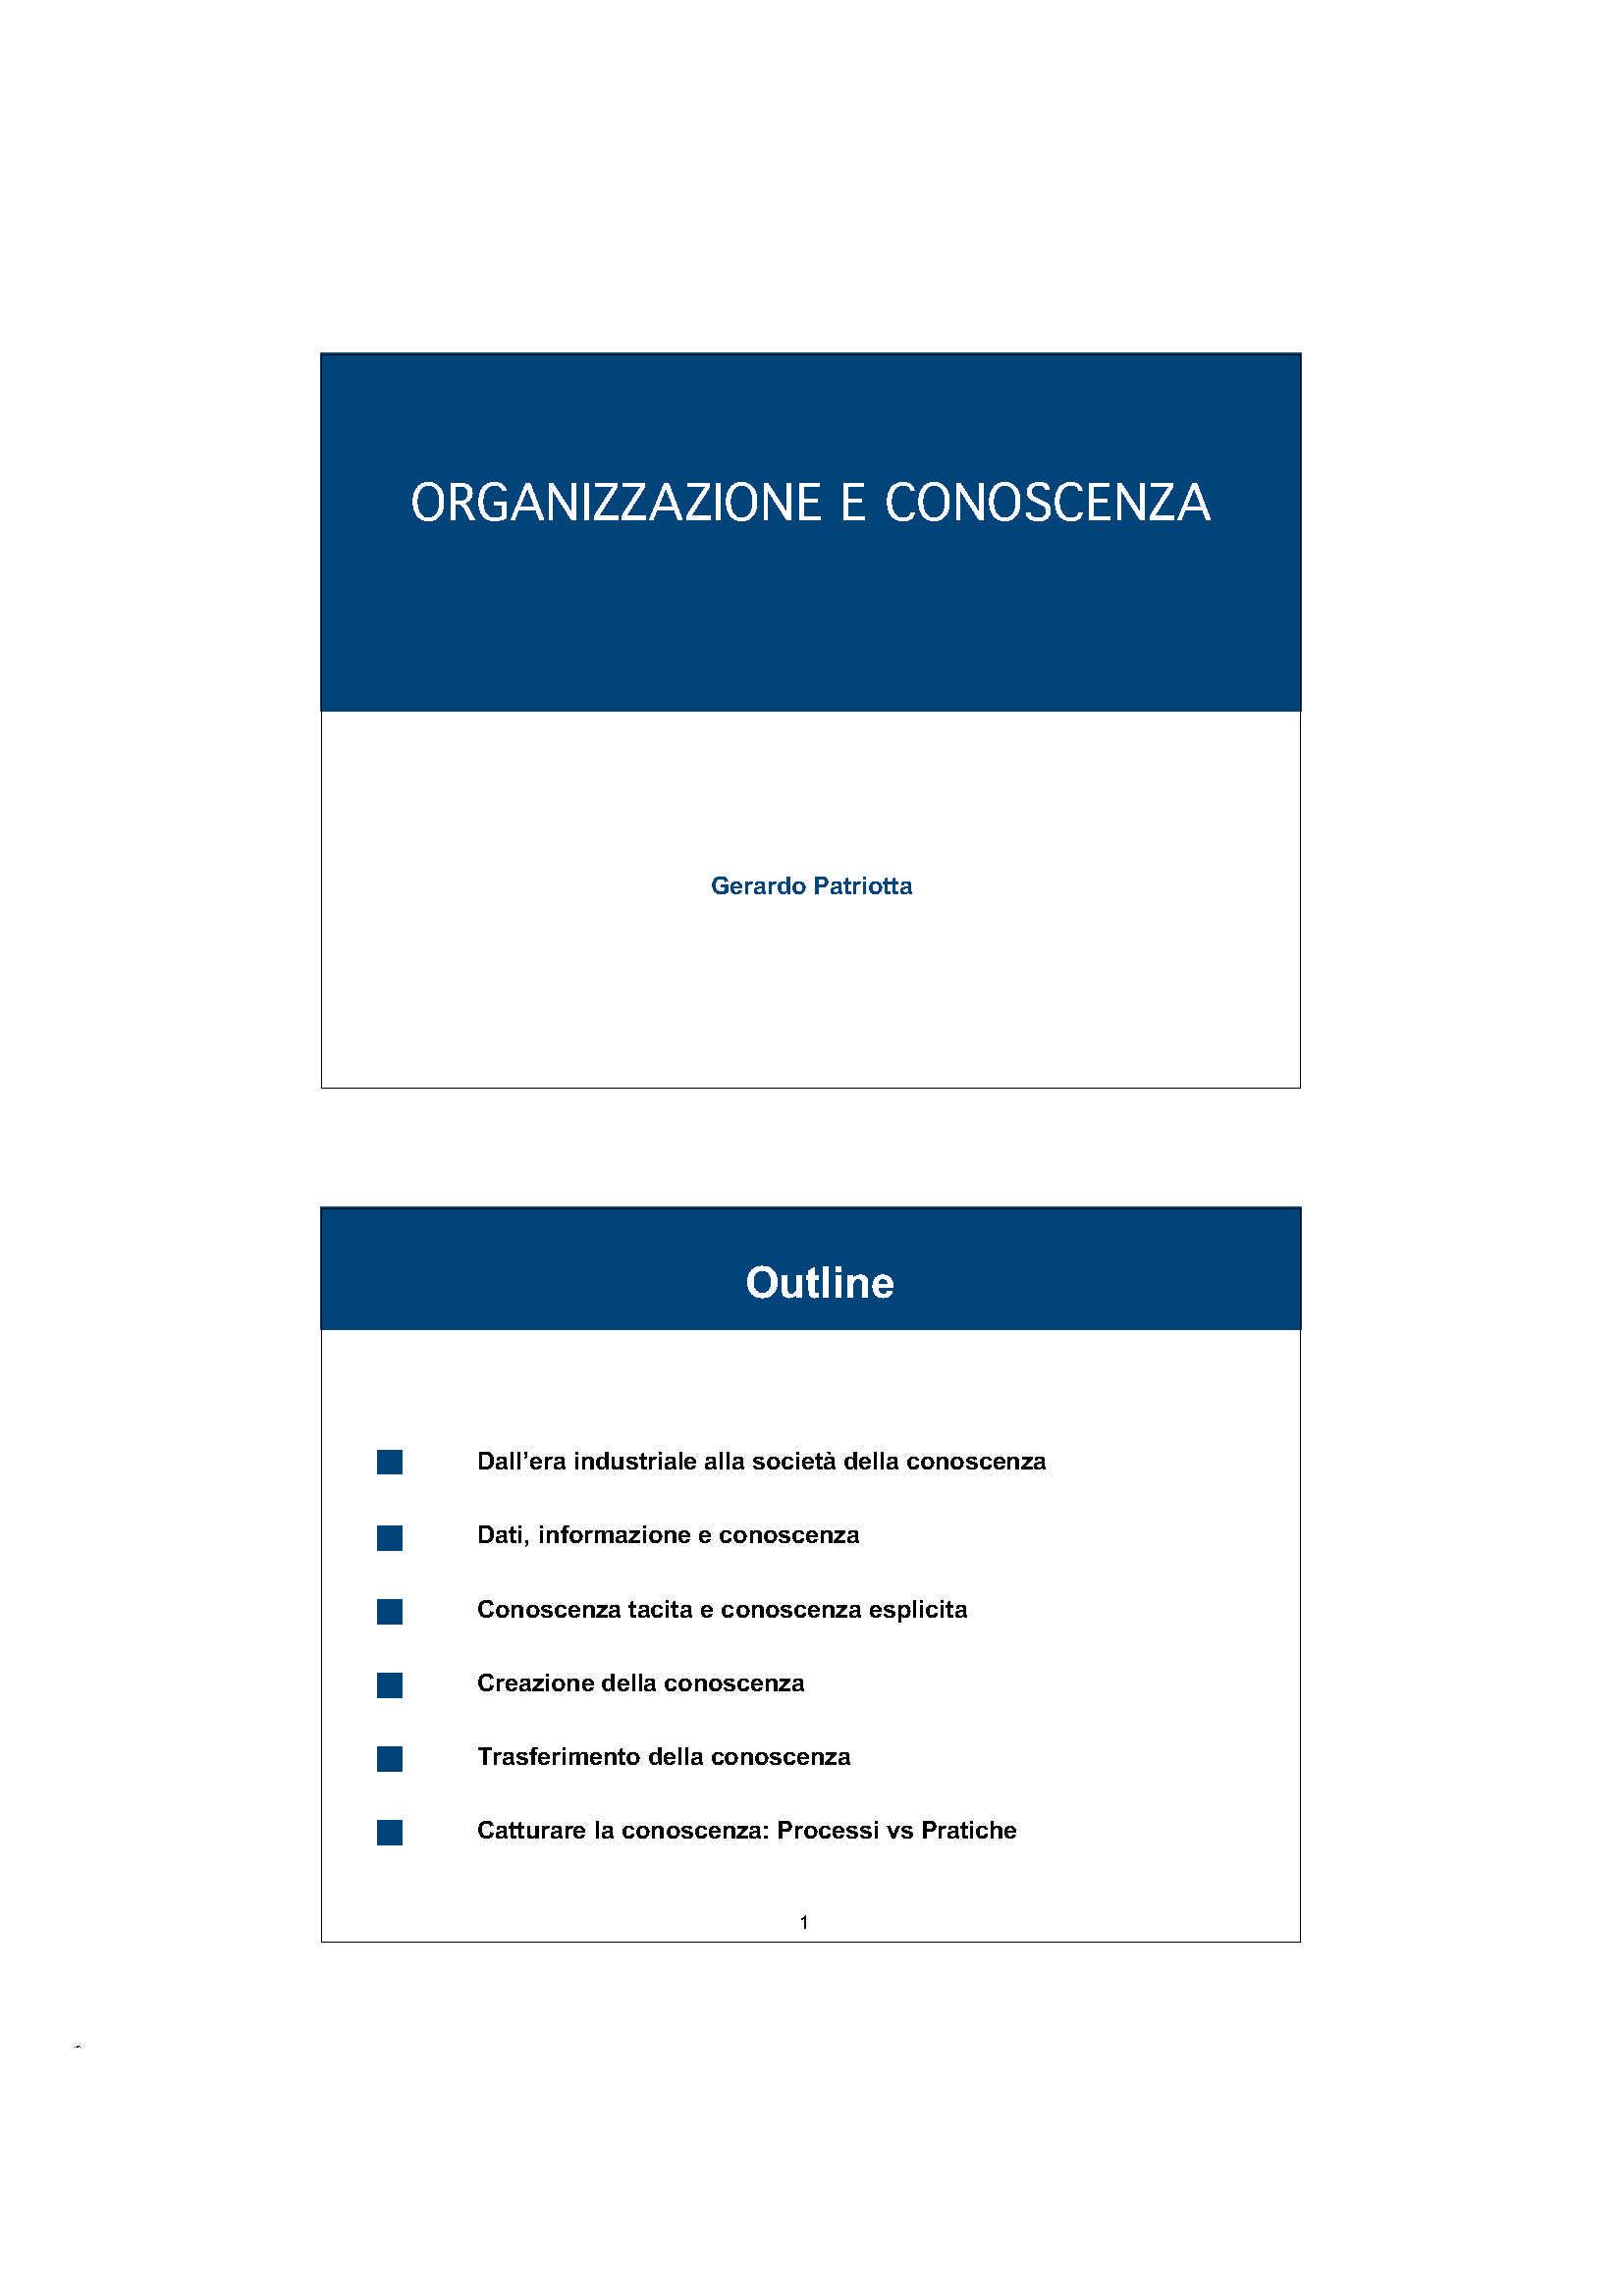 Organizzazione e conoscenza